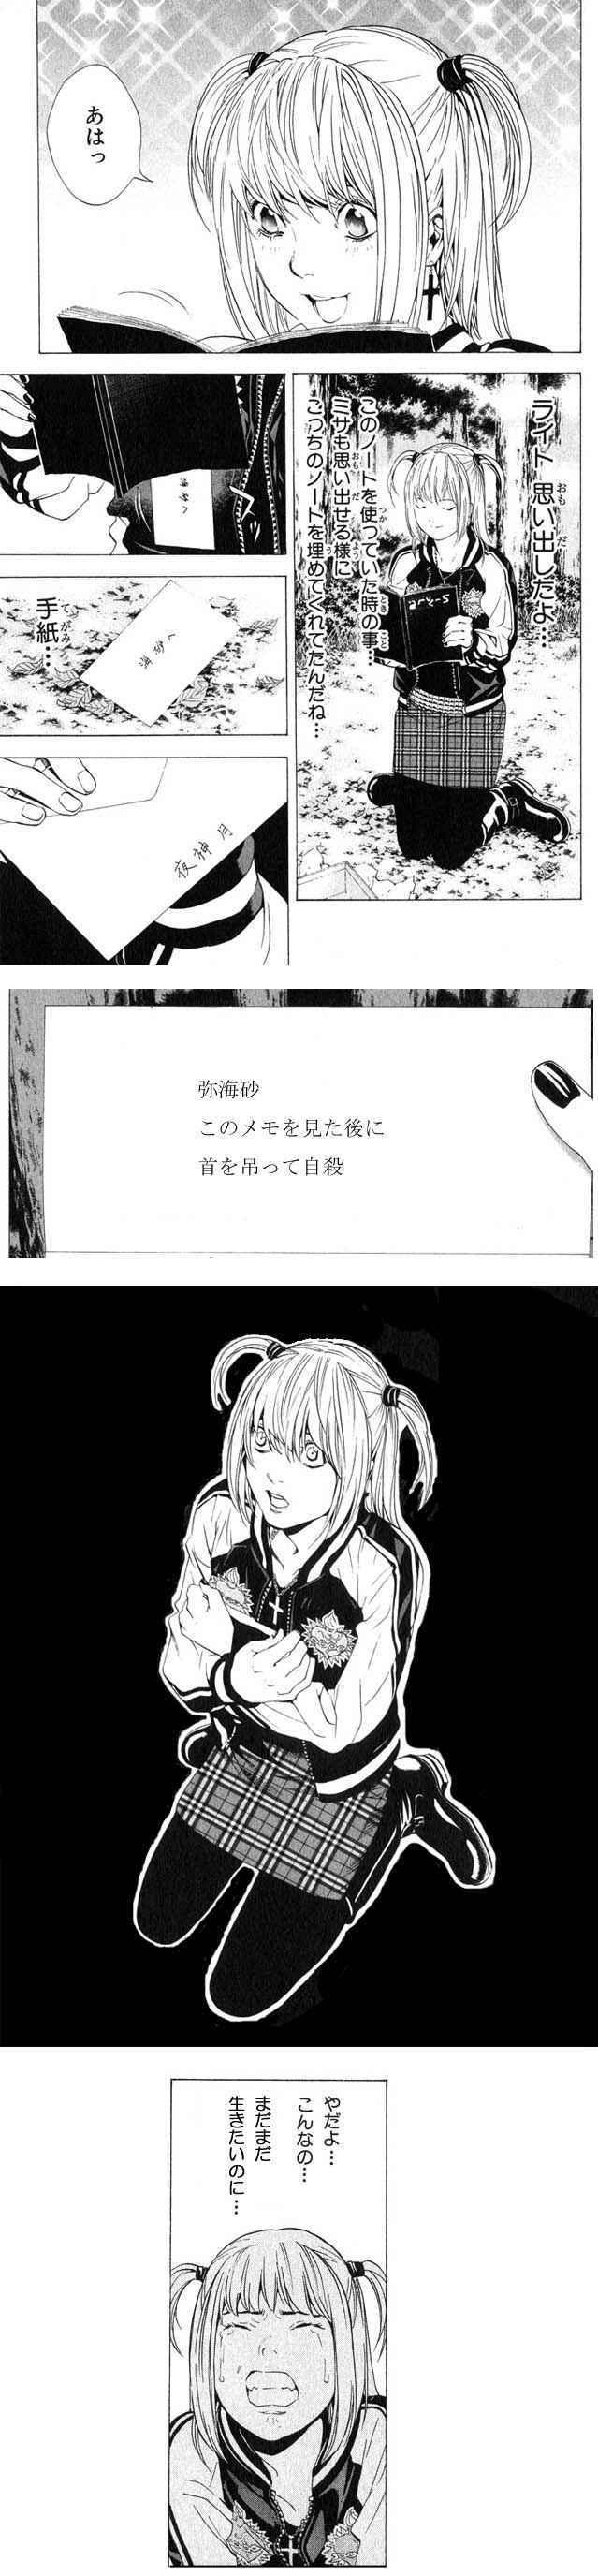 漫画:デスノート -ノートを手にしたら記憶が戻った- [衝撃]